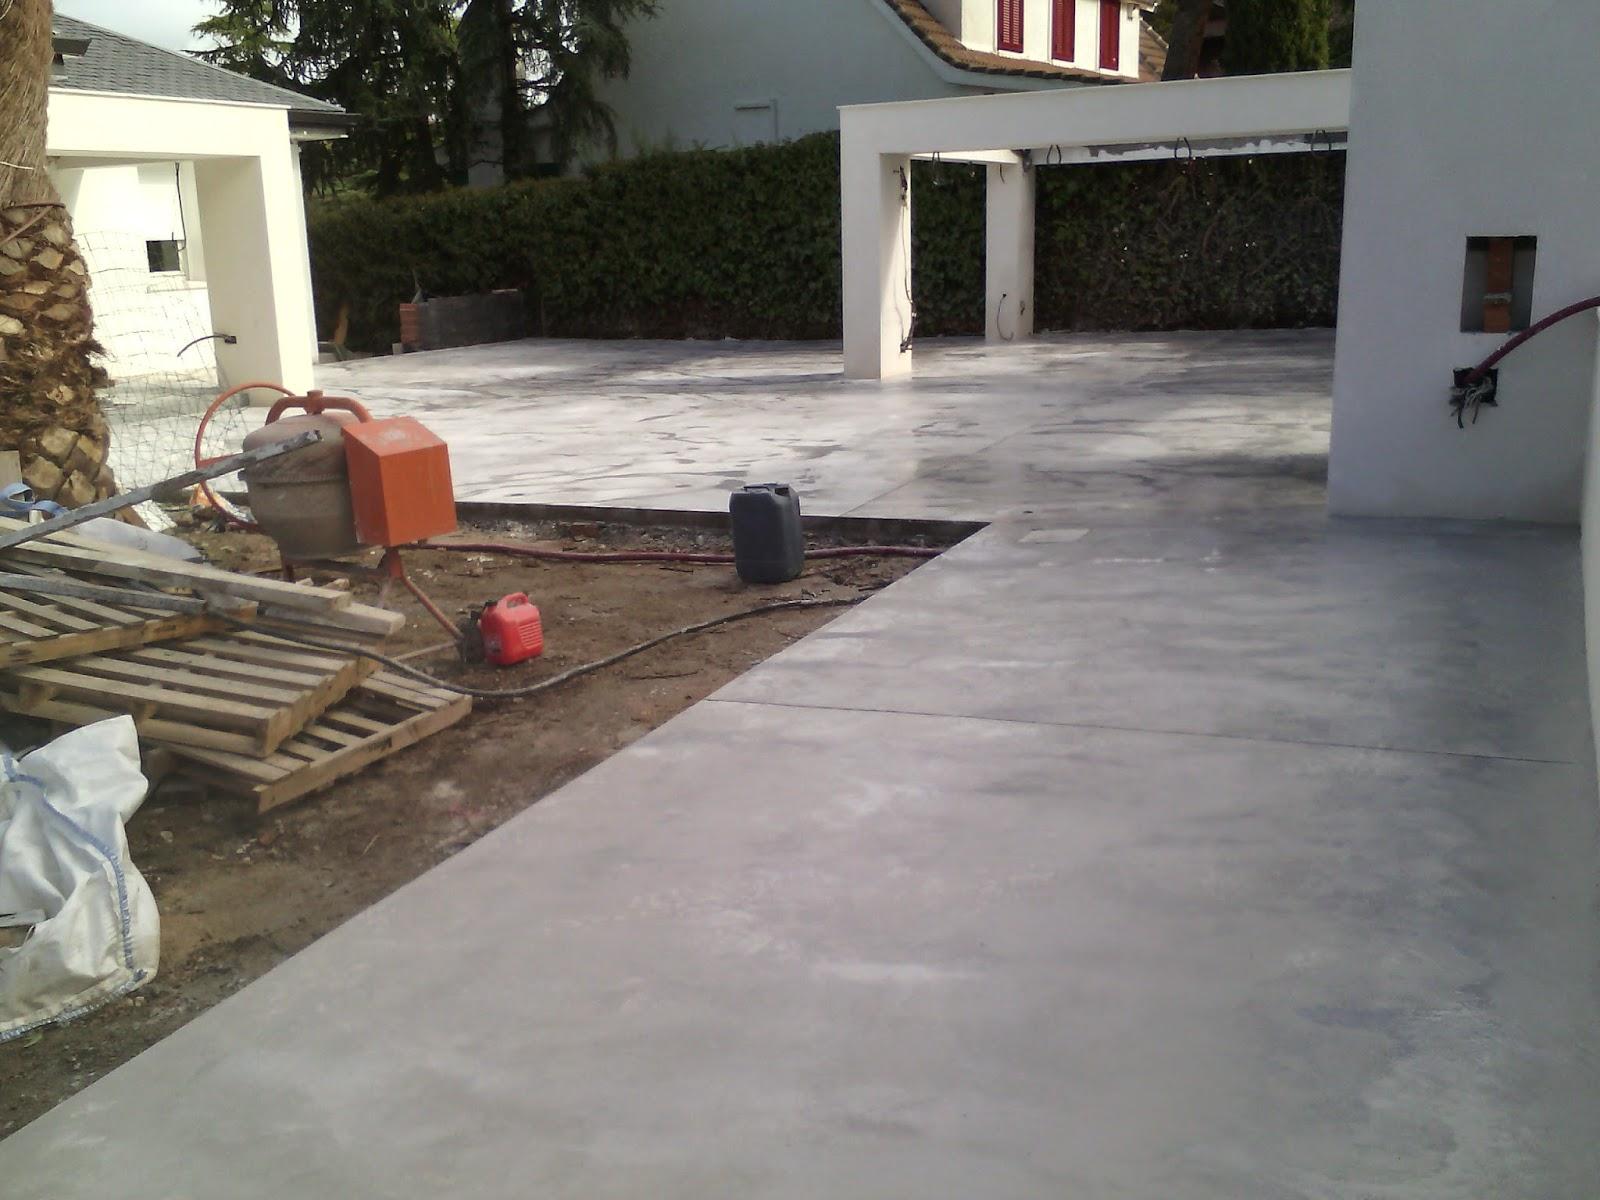 Pavimento continuo de hormig n javea moraira color blanco for Hormigon para pavimentos